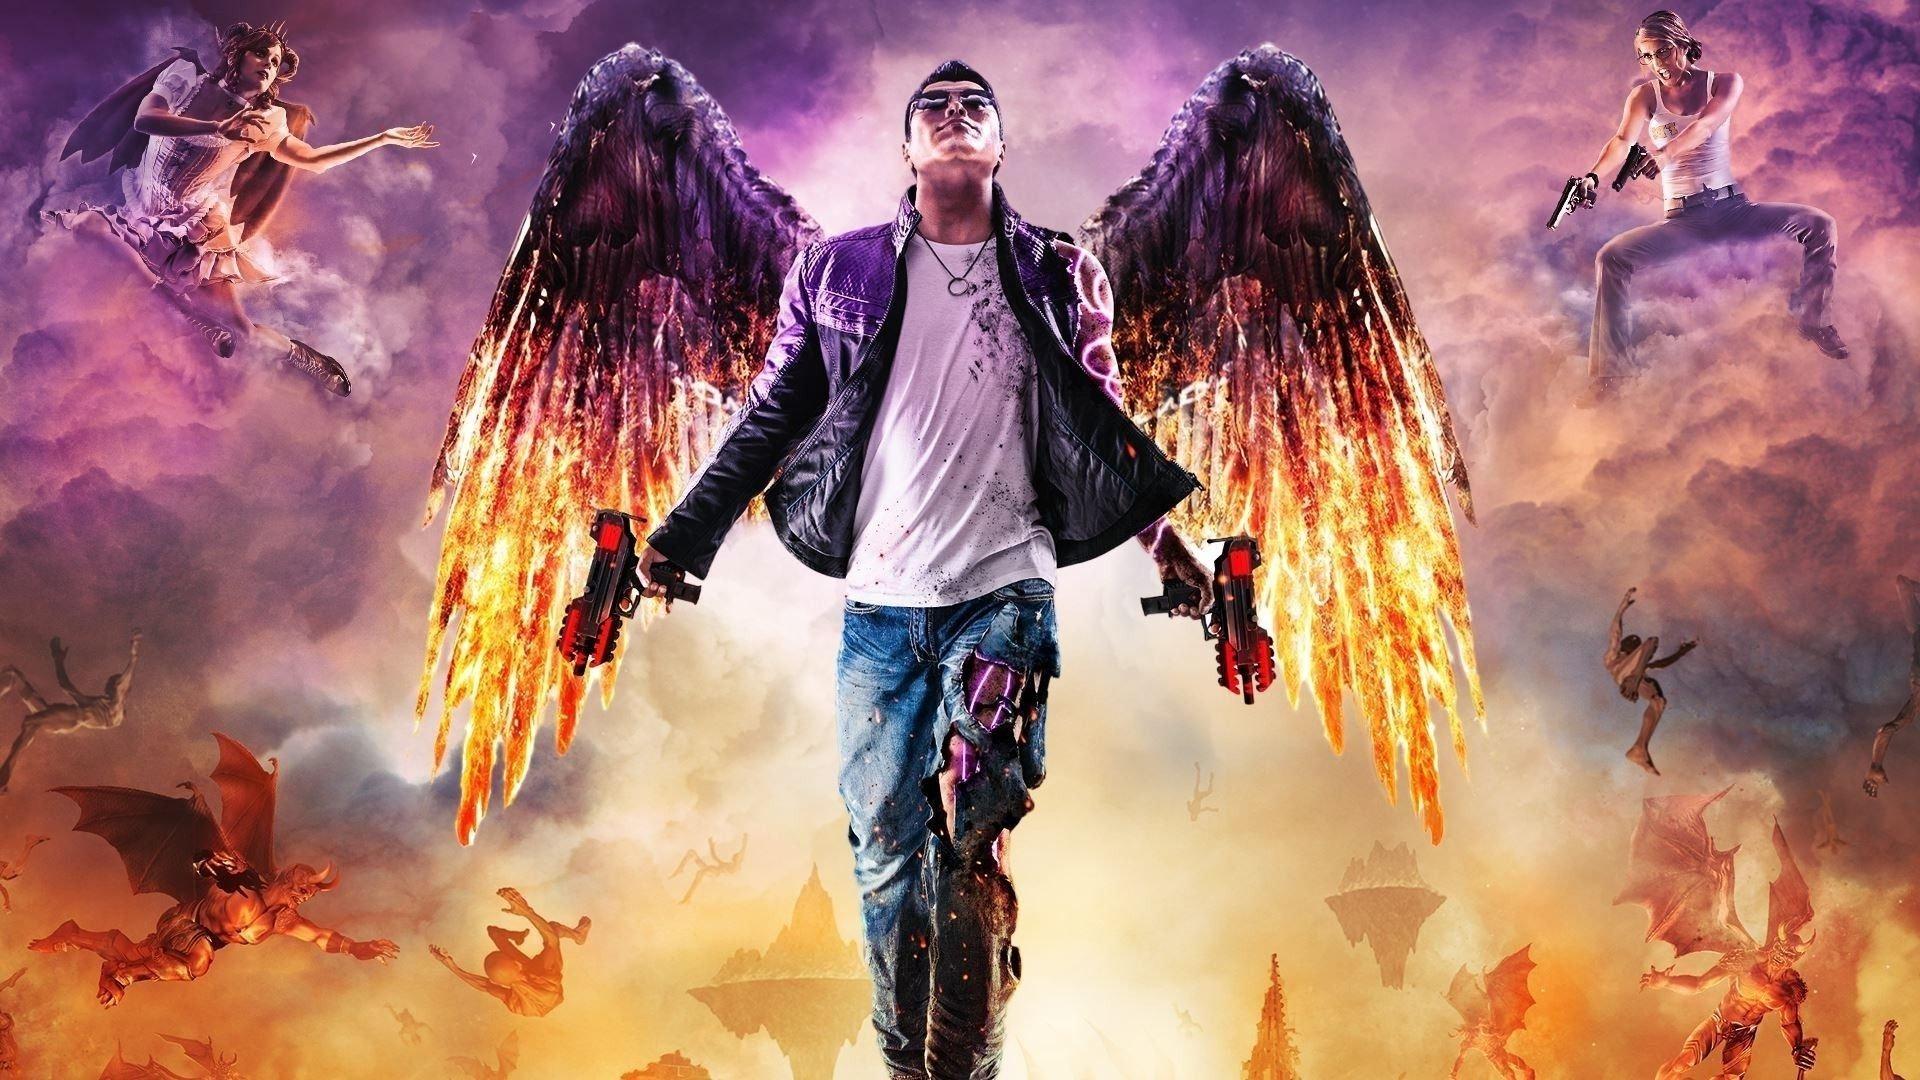 Wings Of Fire Wallpaper HD